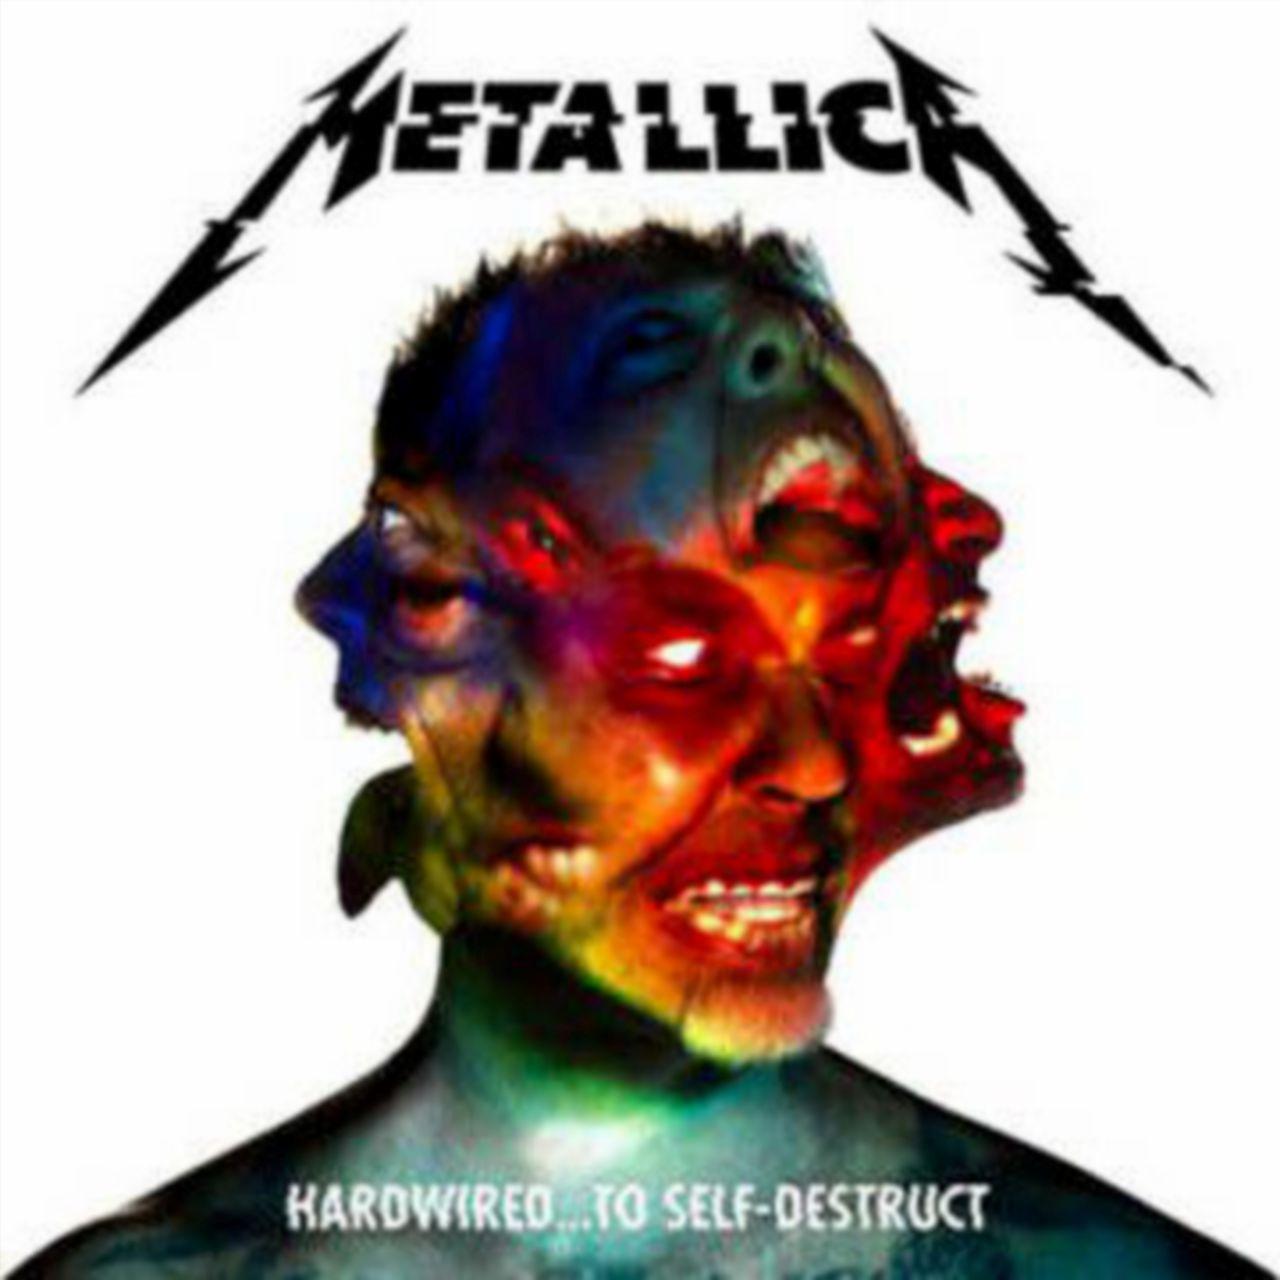 Metallica, copertina a parte la garanzia è assoluta